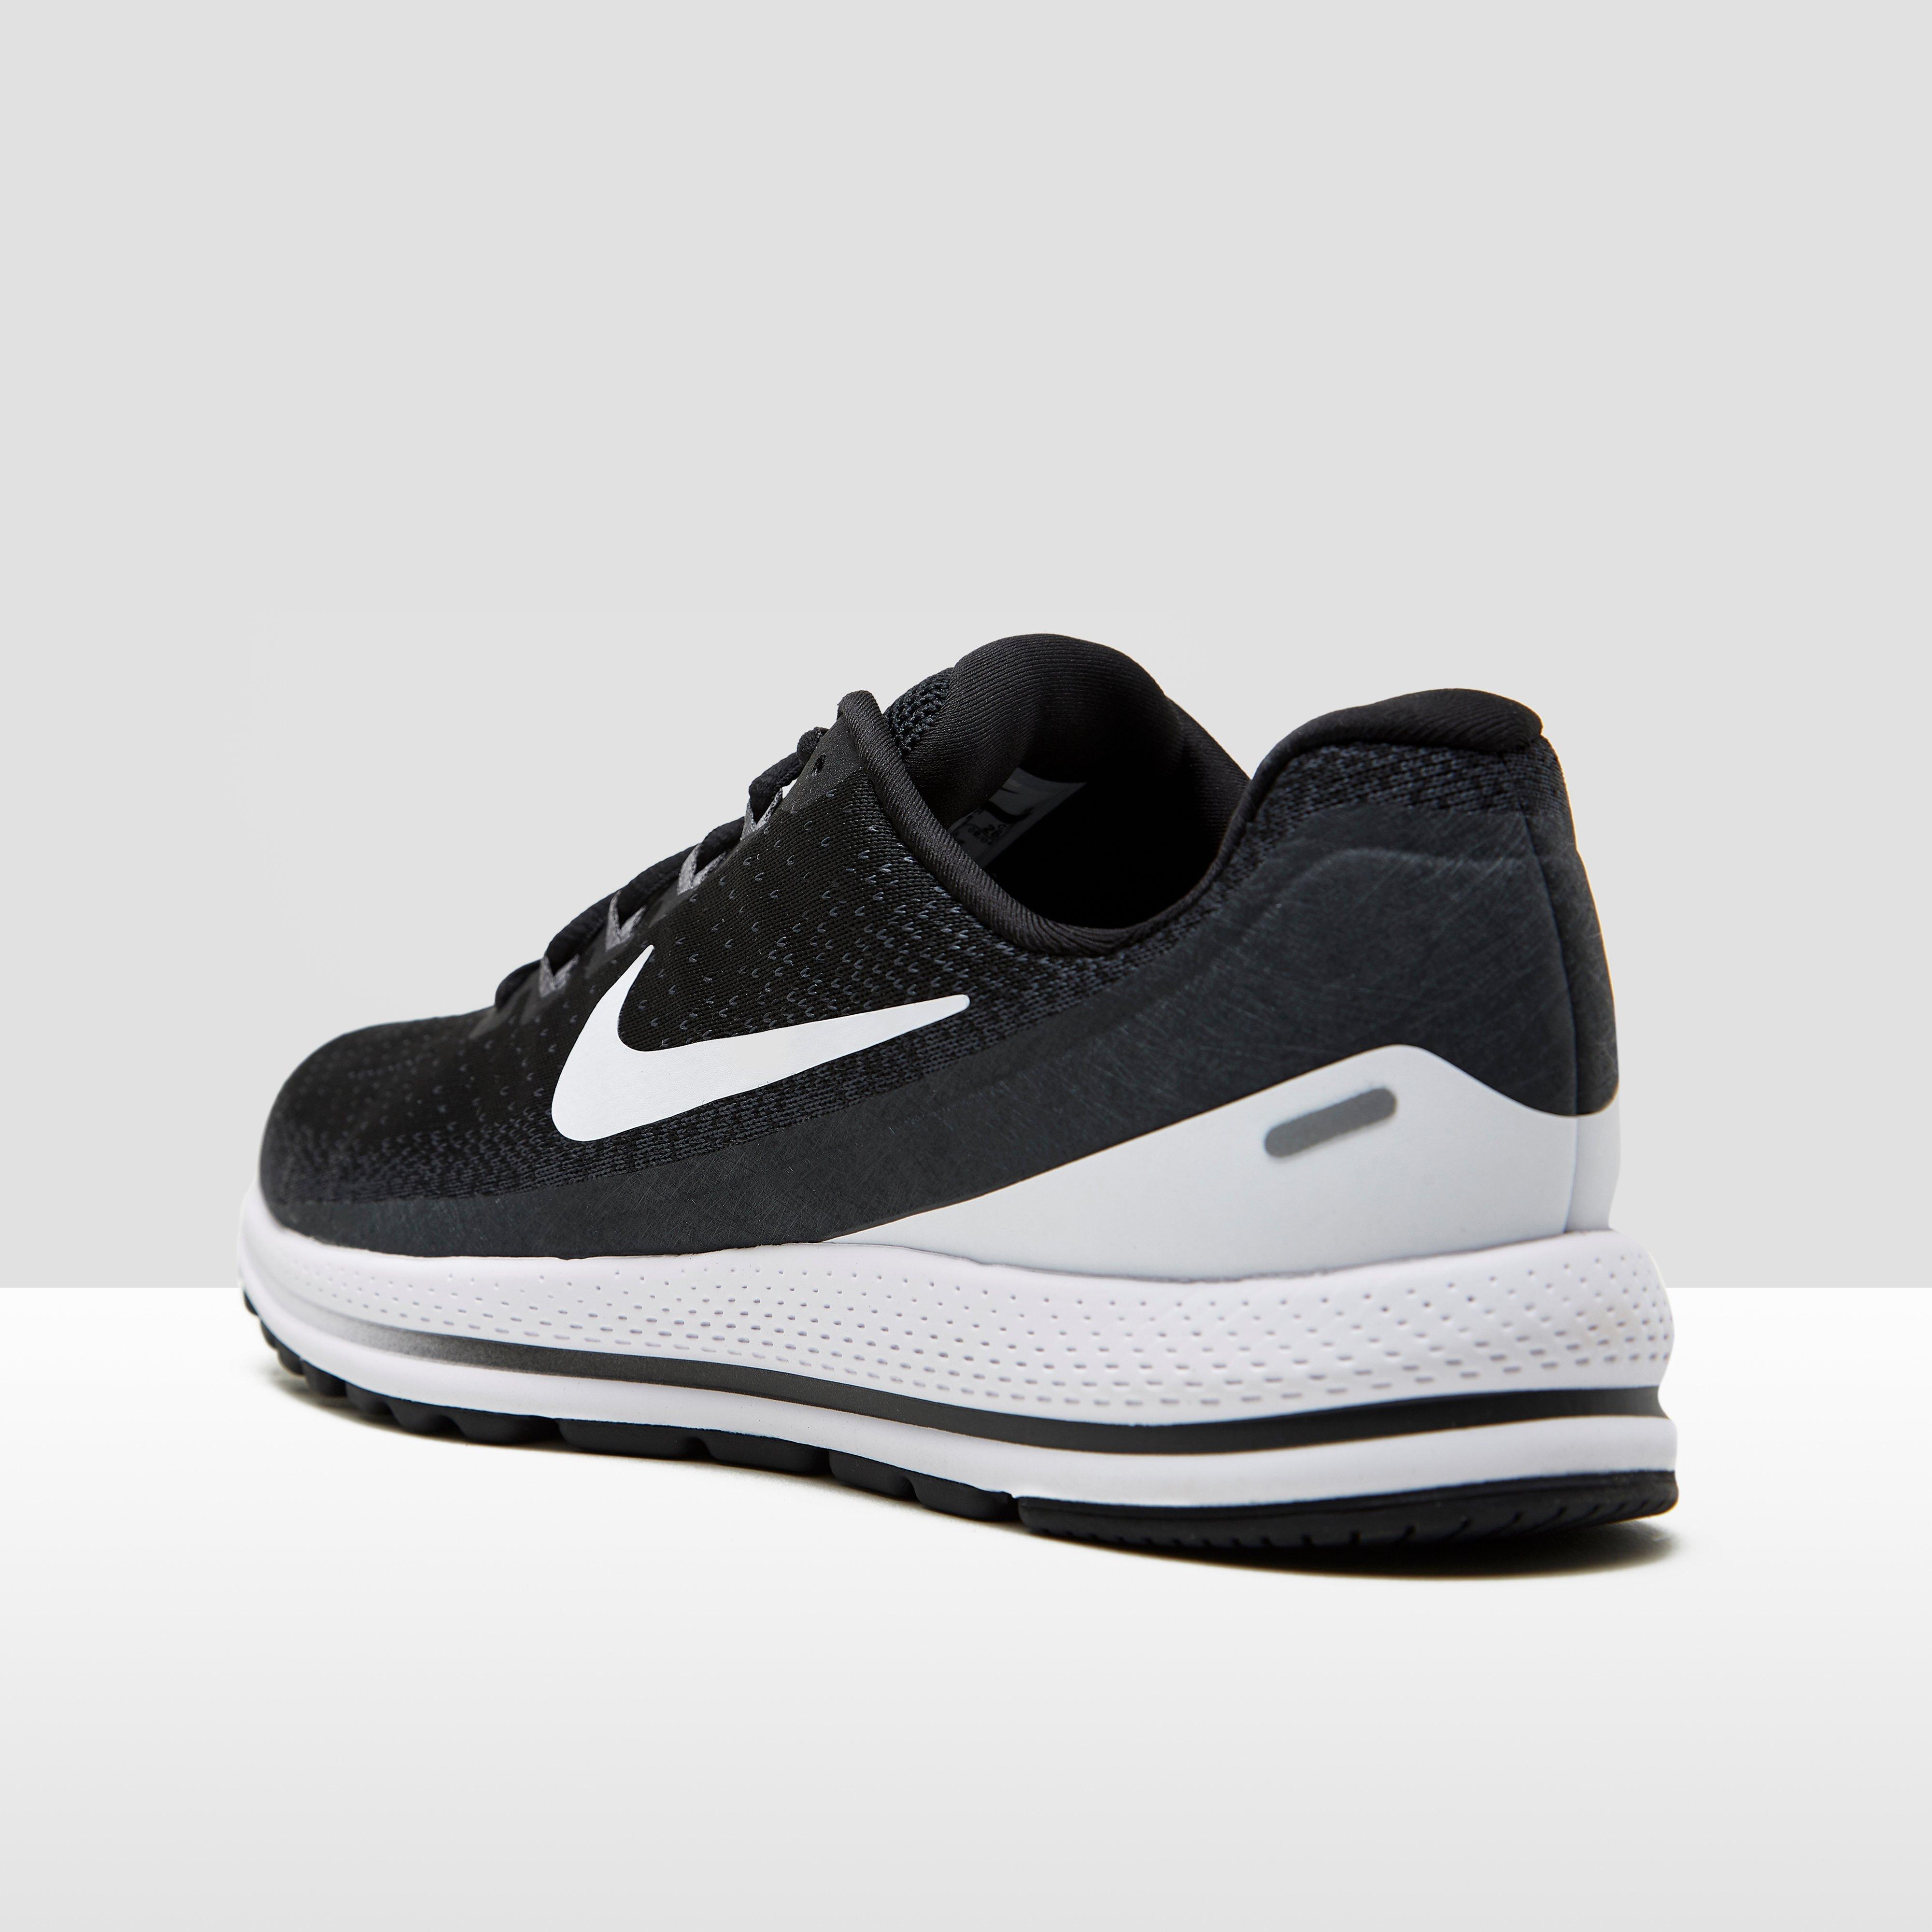 Nike Air Zoom Vomero 13 Hommes fieIfy80vg